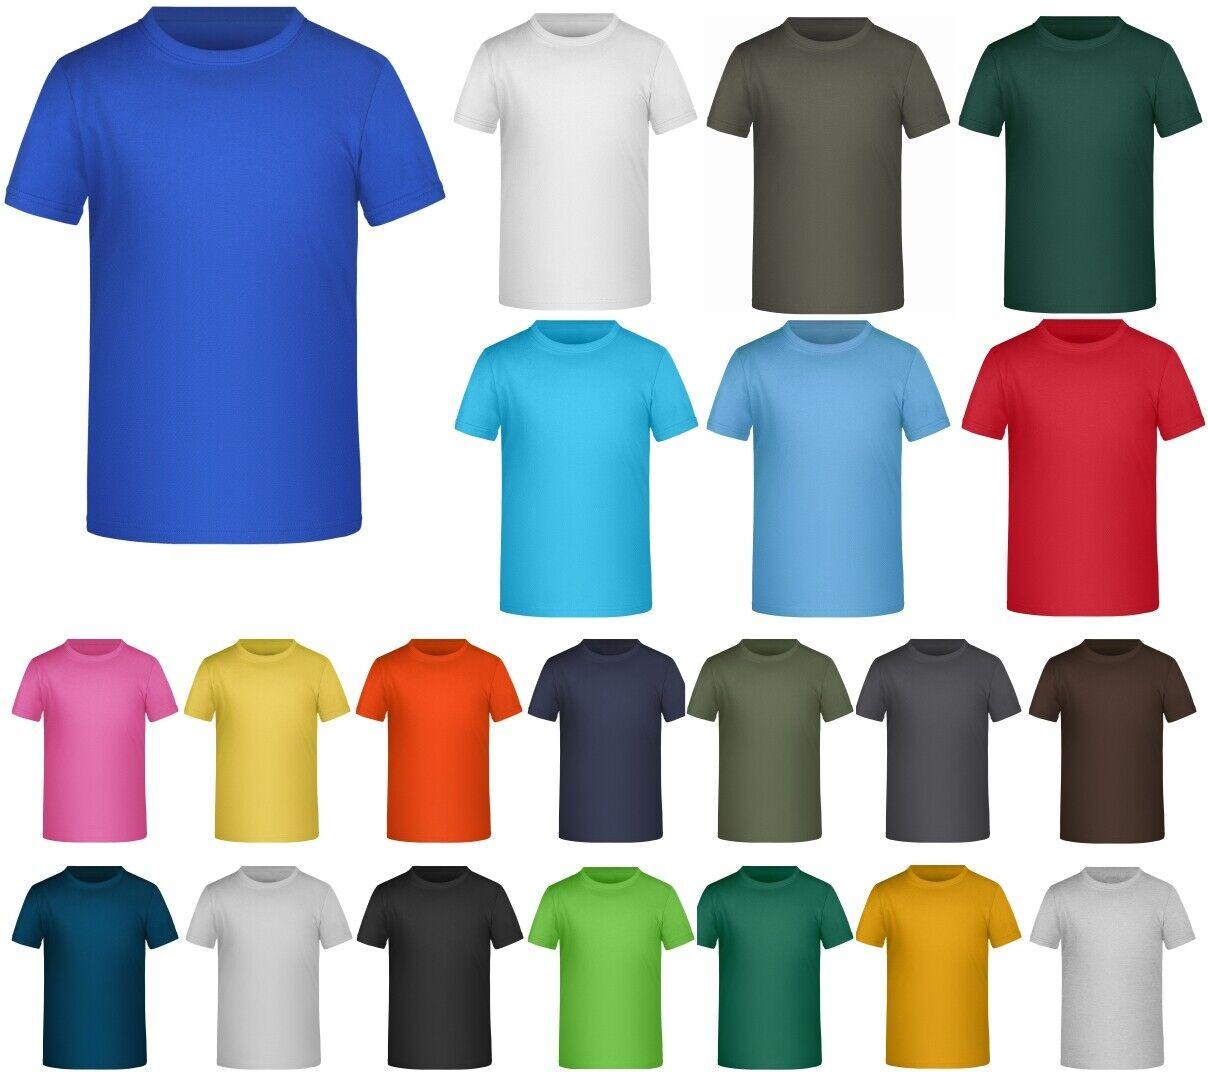 Kinder T-Shirt für Jungen und Mädchen 98 - 164 Baumwolle Basic Shirt